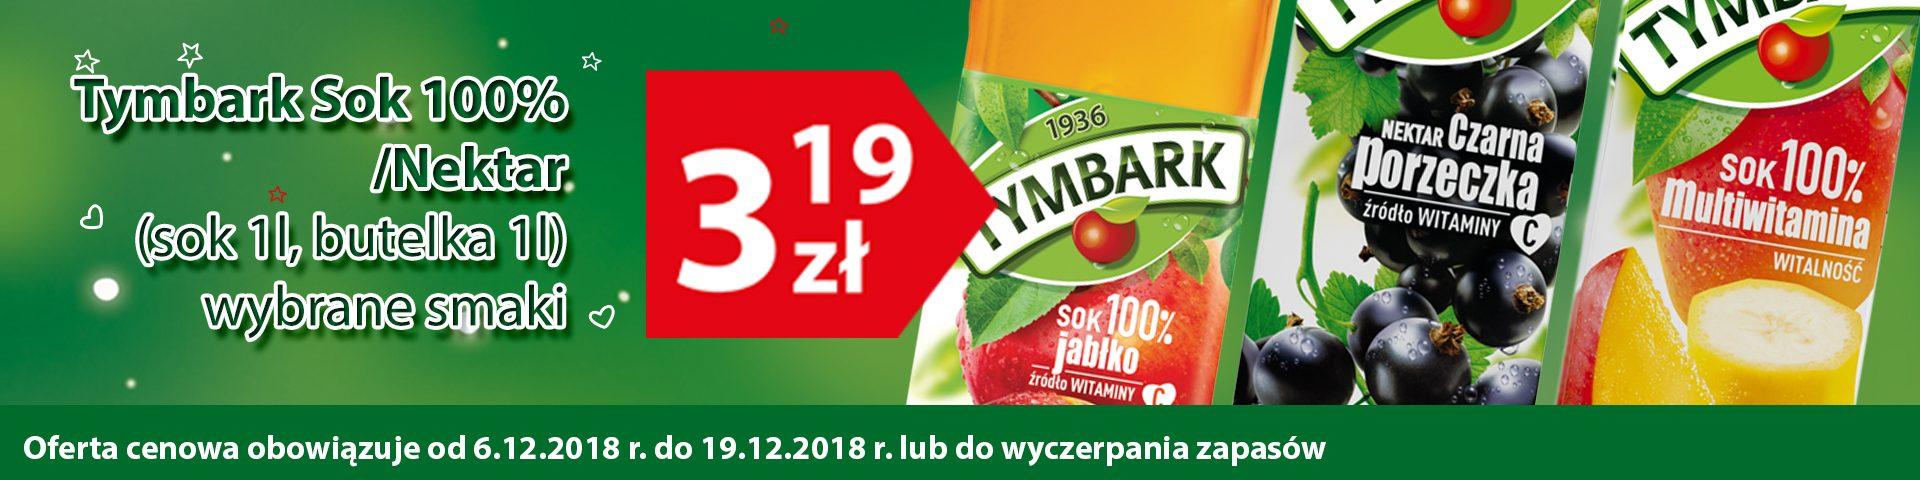 6-19.12.2018 tymbark_nektar-sok